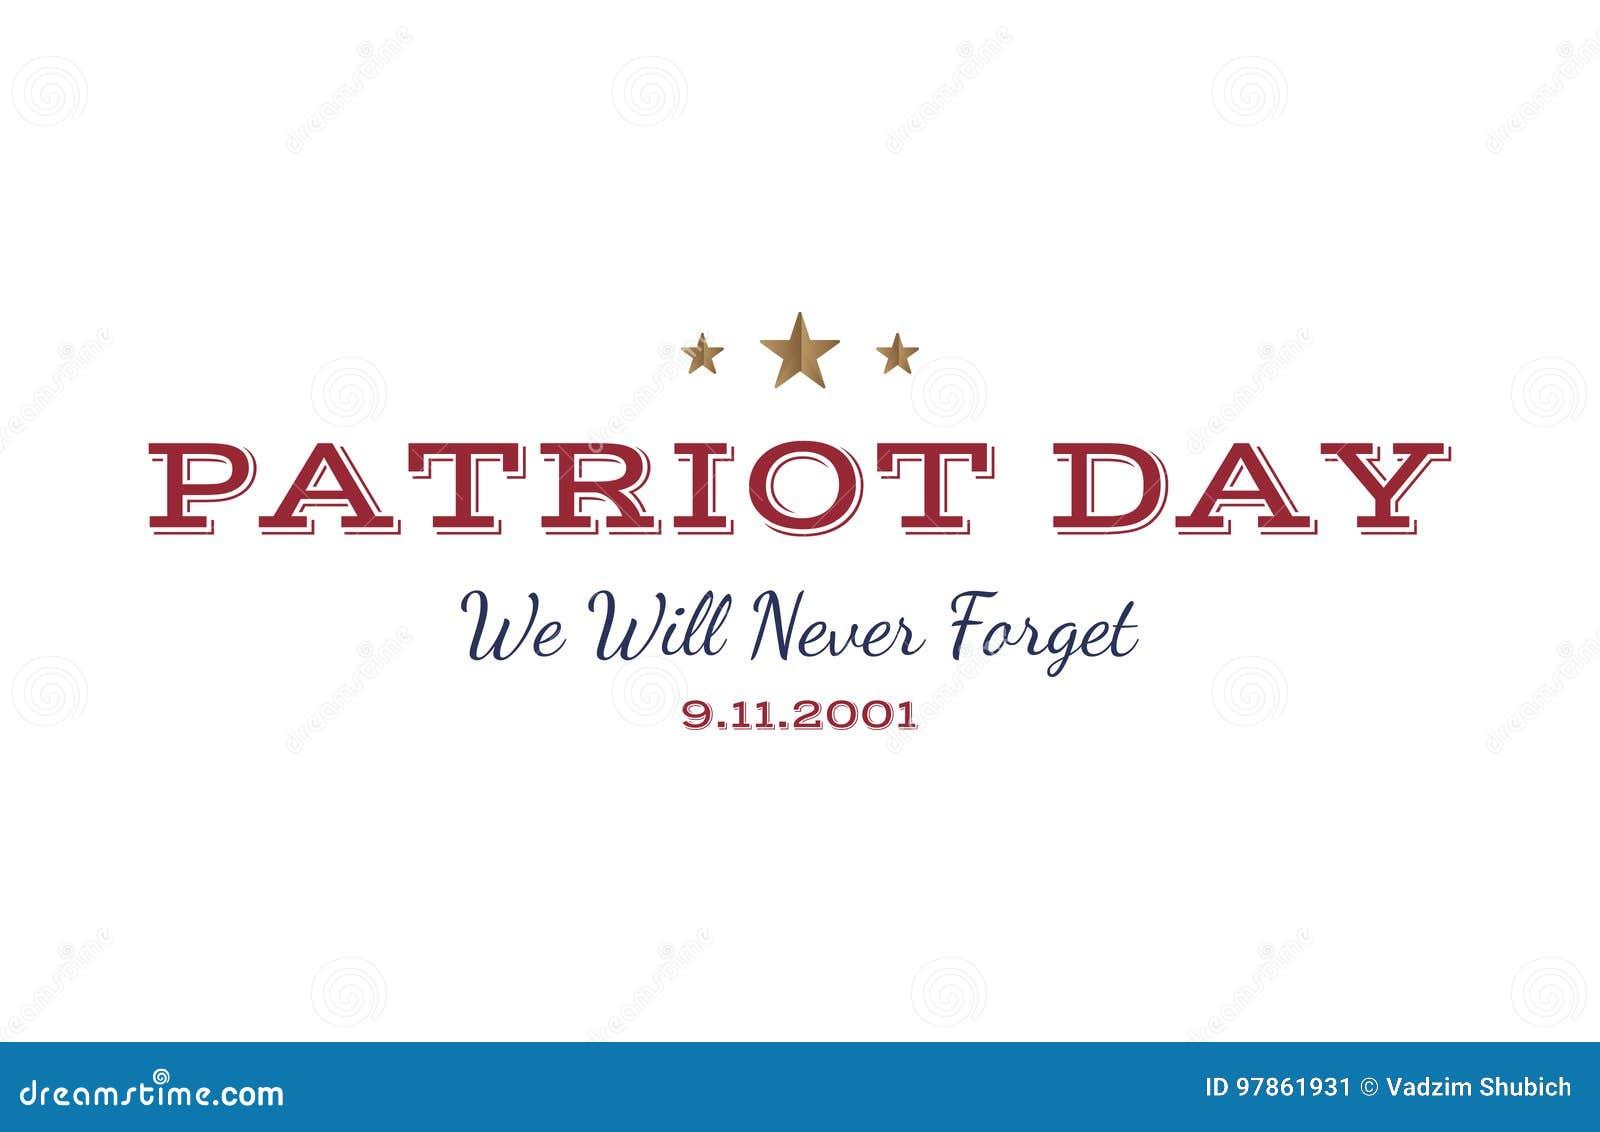 我们不会忘记 爱国者天9月11日 2001年在白色背景的印刷术 向量字体组合对天memor